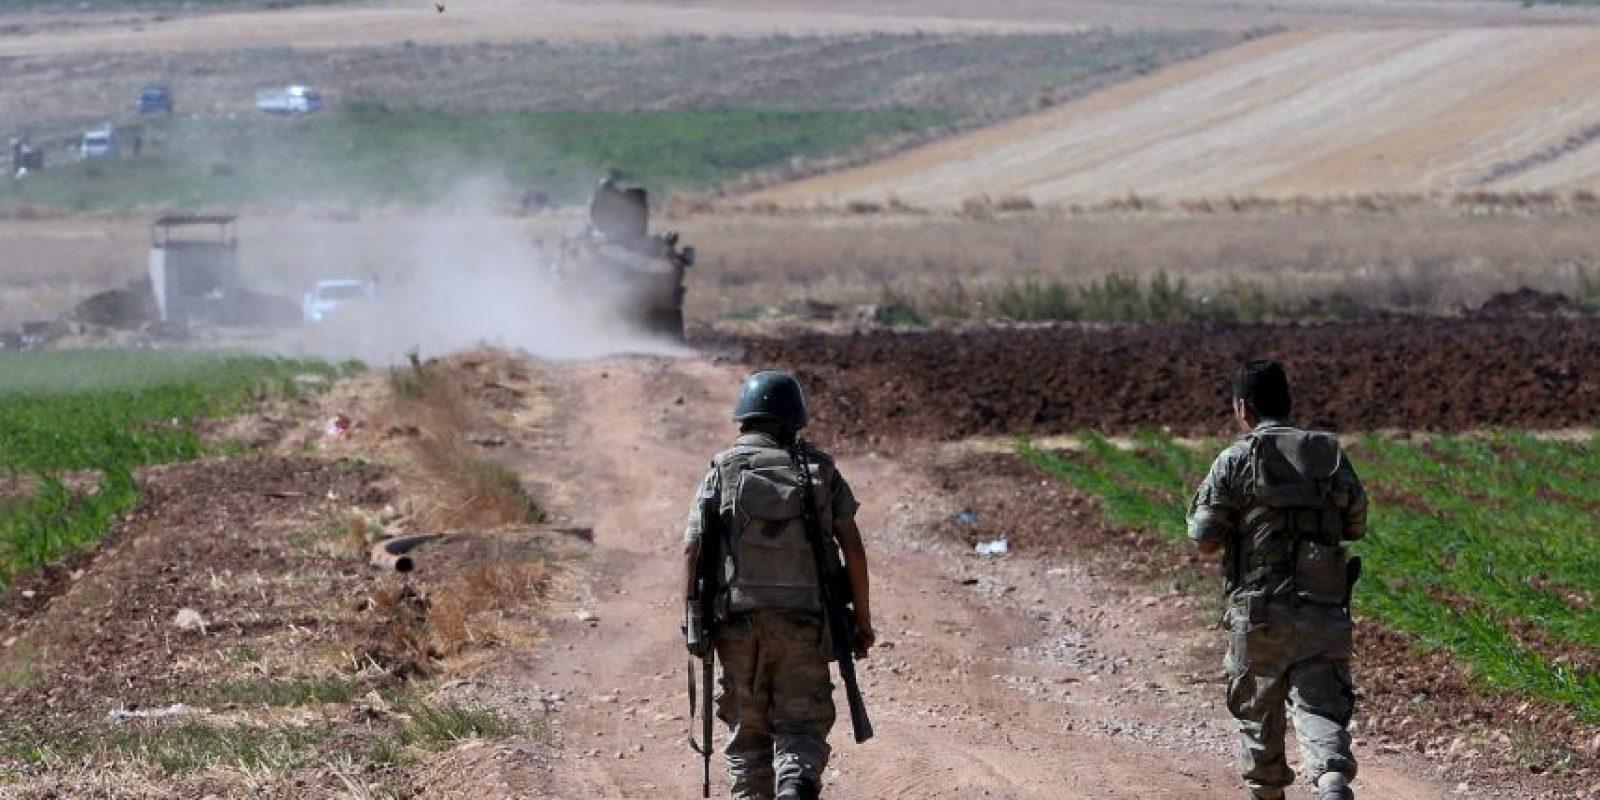 Los ataques se produjeron después de que Estados Unidos tuviera permitido atacar al ISIS desde una base aérea turca. Foto:AP